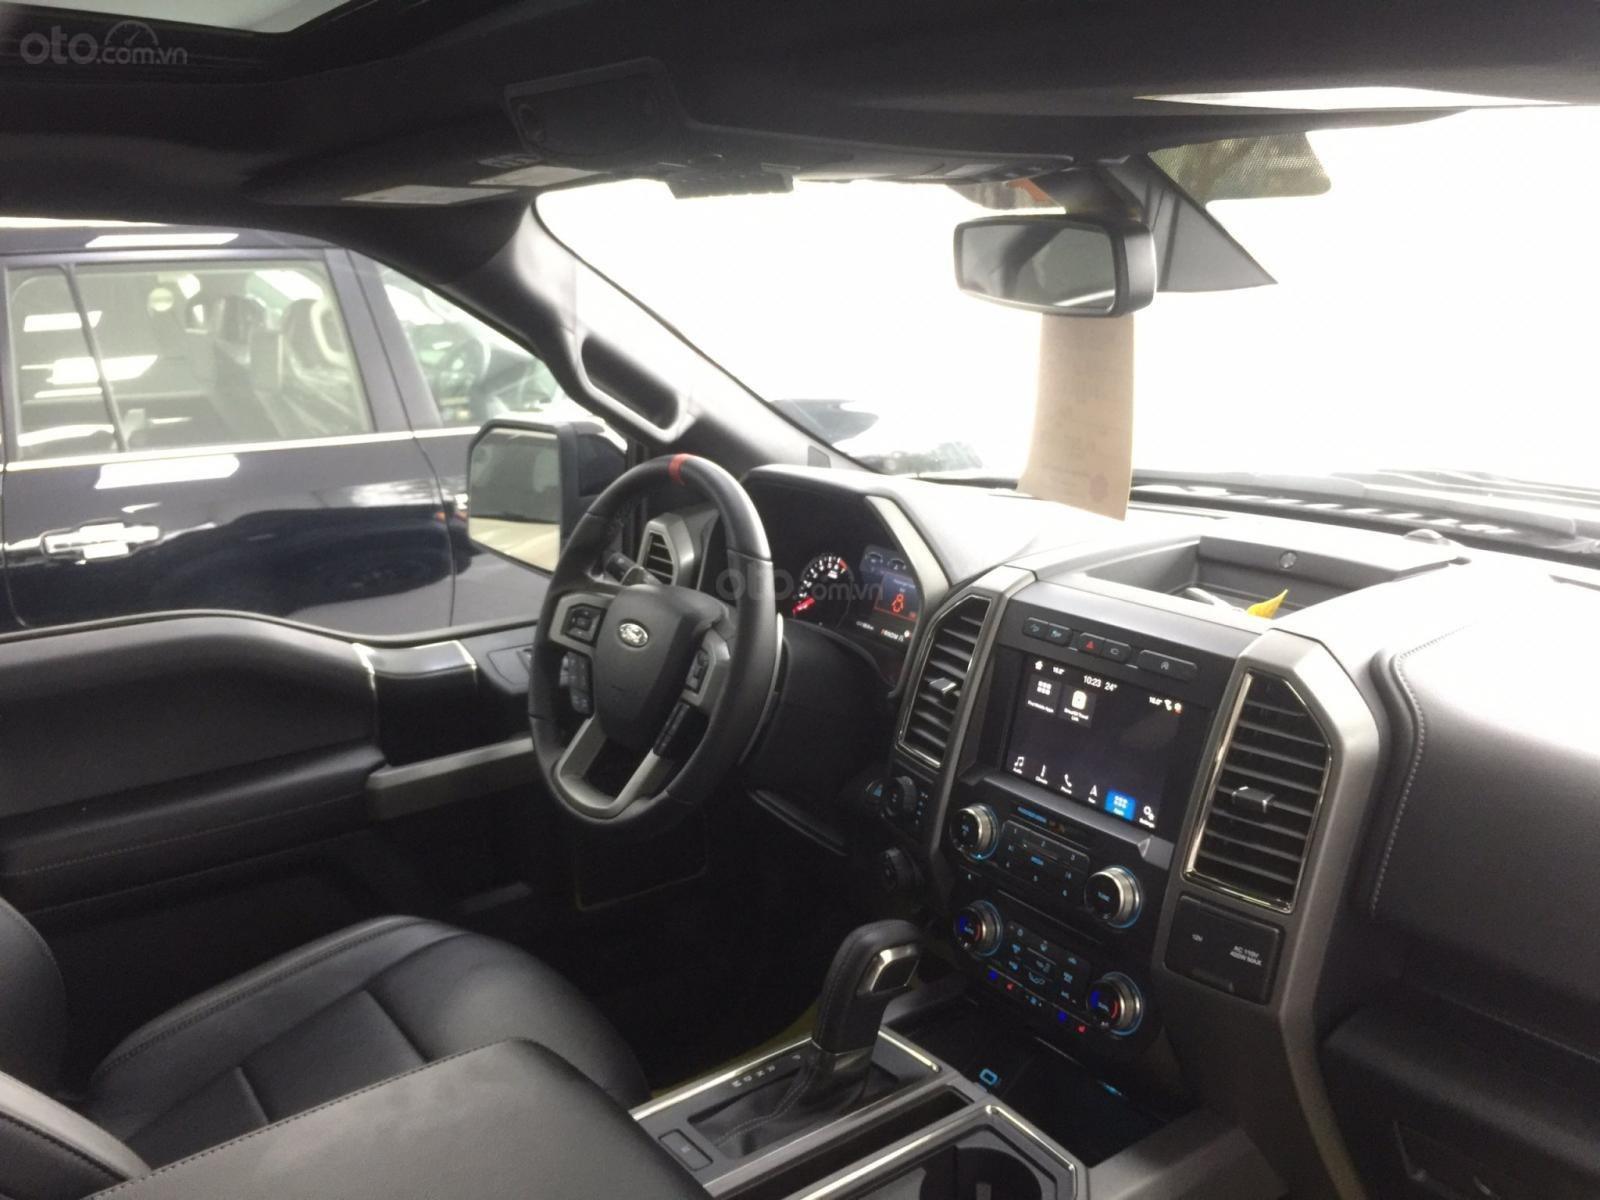 Bán siêu bán tải Ford F150 Raptor 2020, LH Ms Hương giá tốt giao ngay toàn quốc (6)